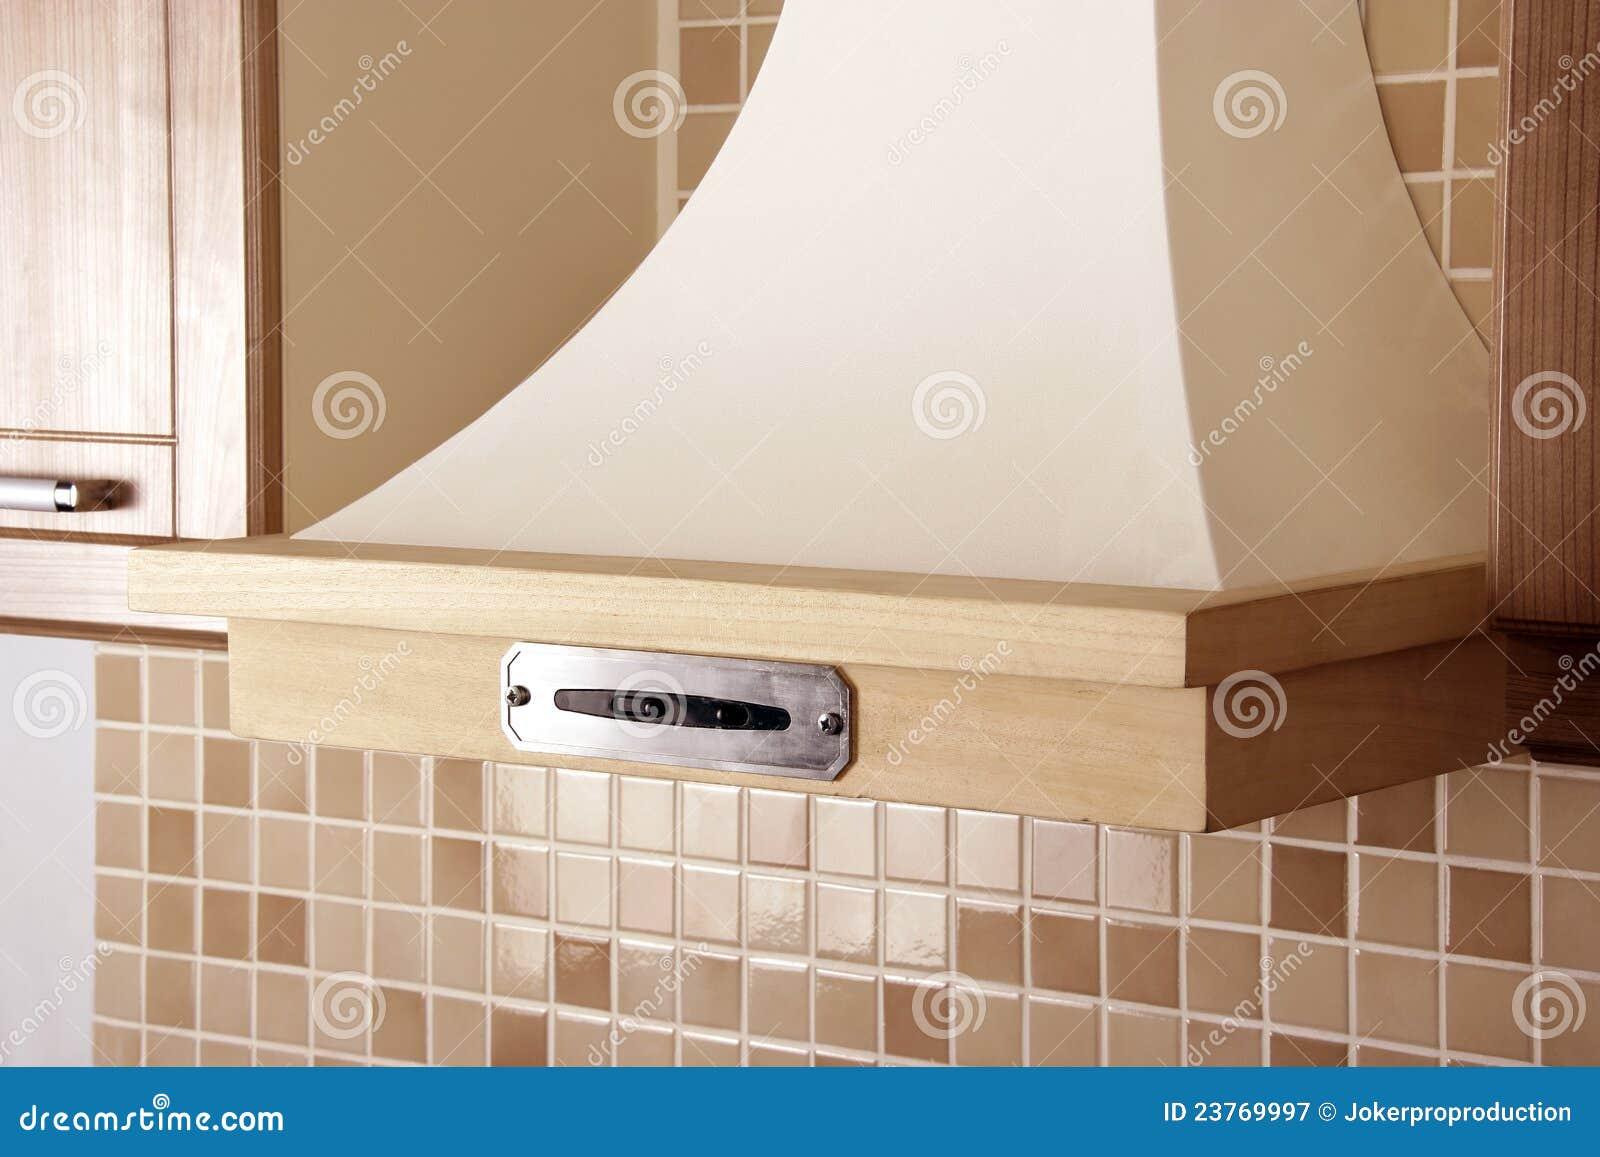 Aspiratore per la cucina moderna fotografia stock libera da diritti immagine 23769997 - Aspiratore da cucina ...